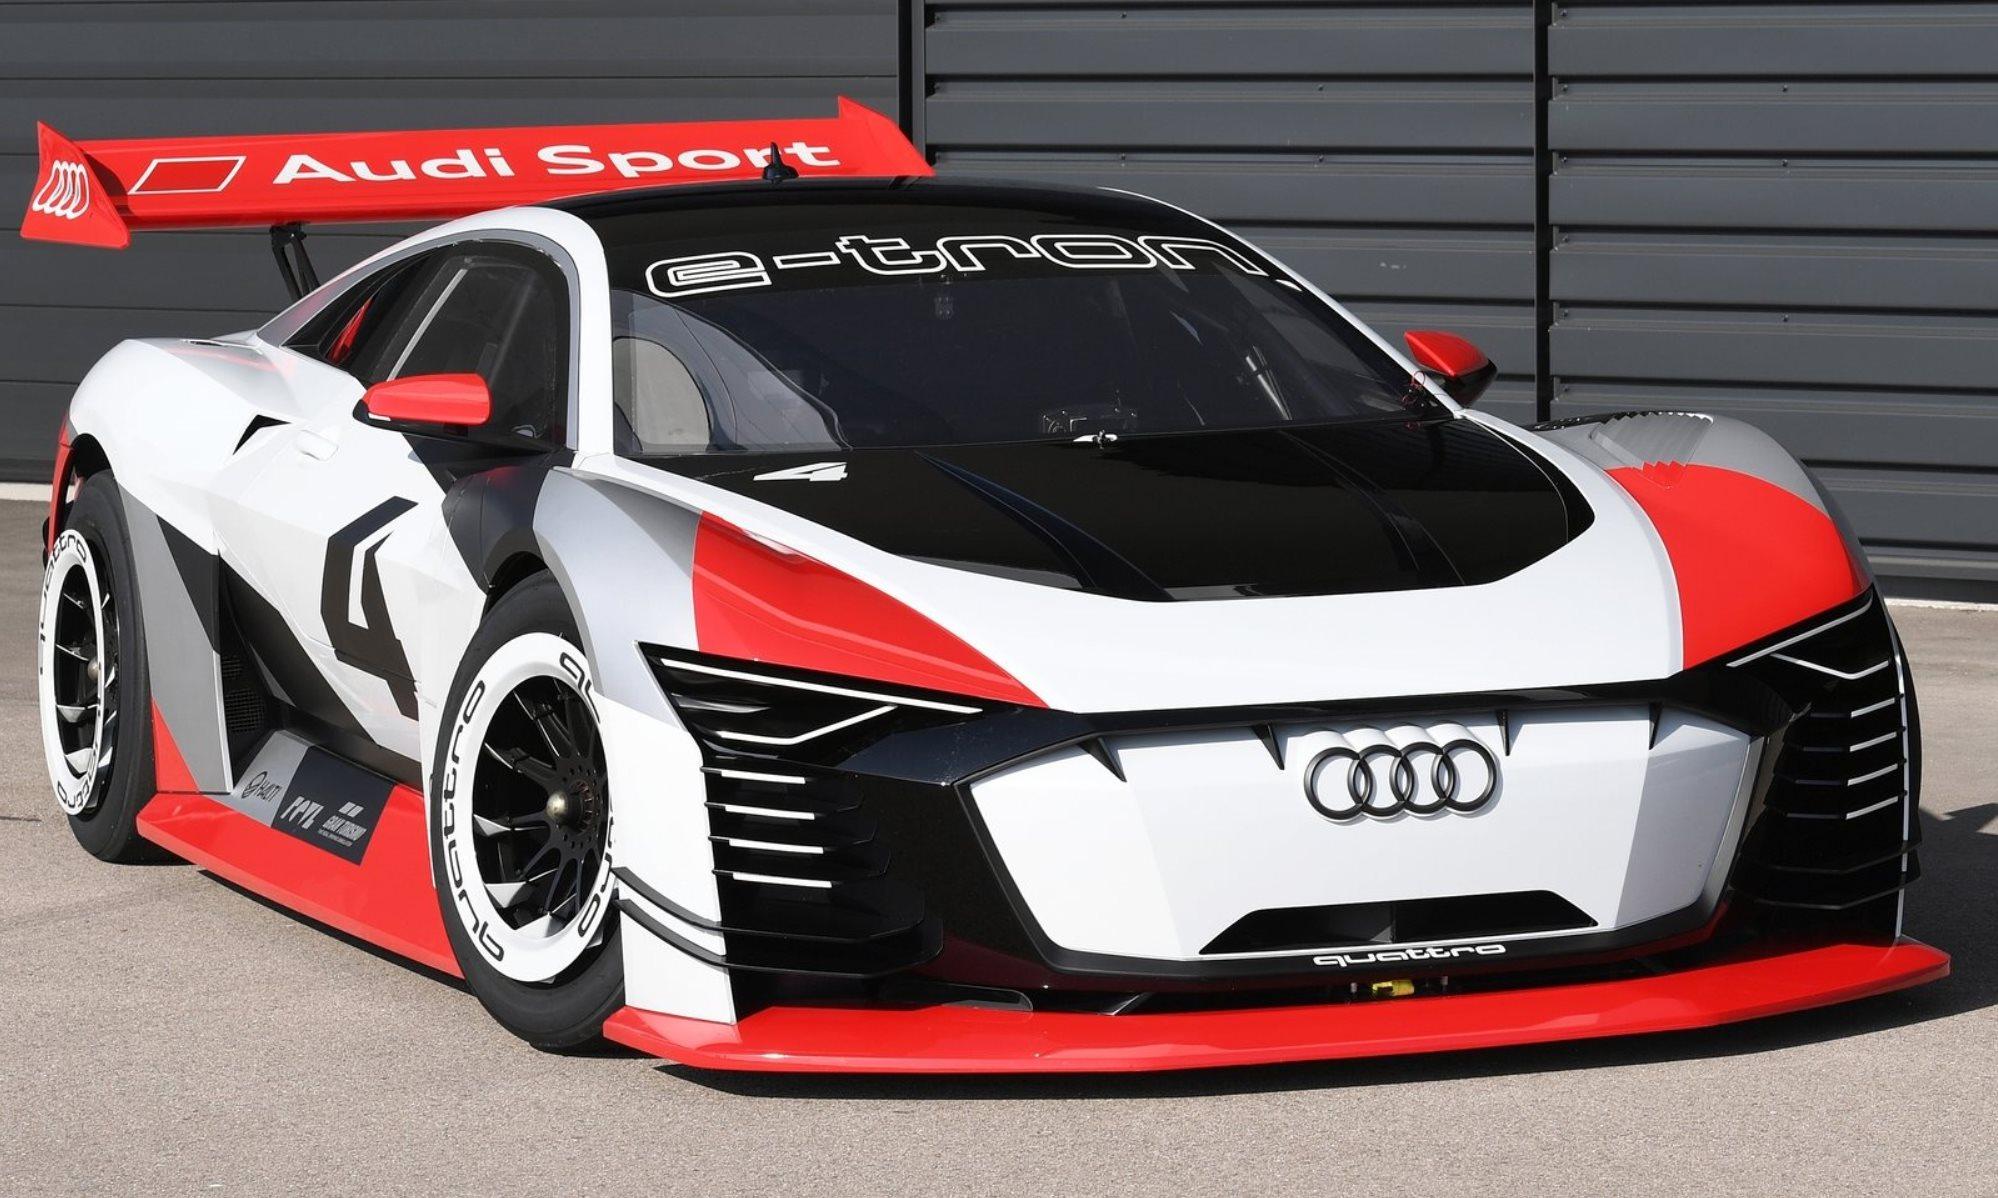 Audi e-tron Vision Gran Turismo Concept front